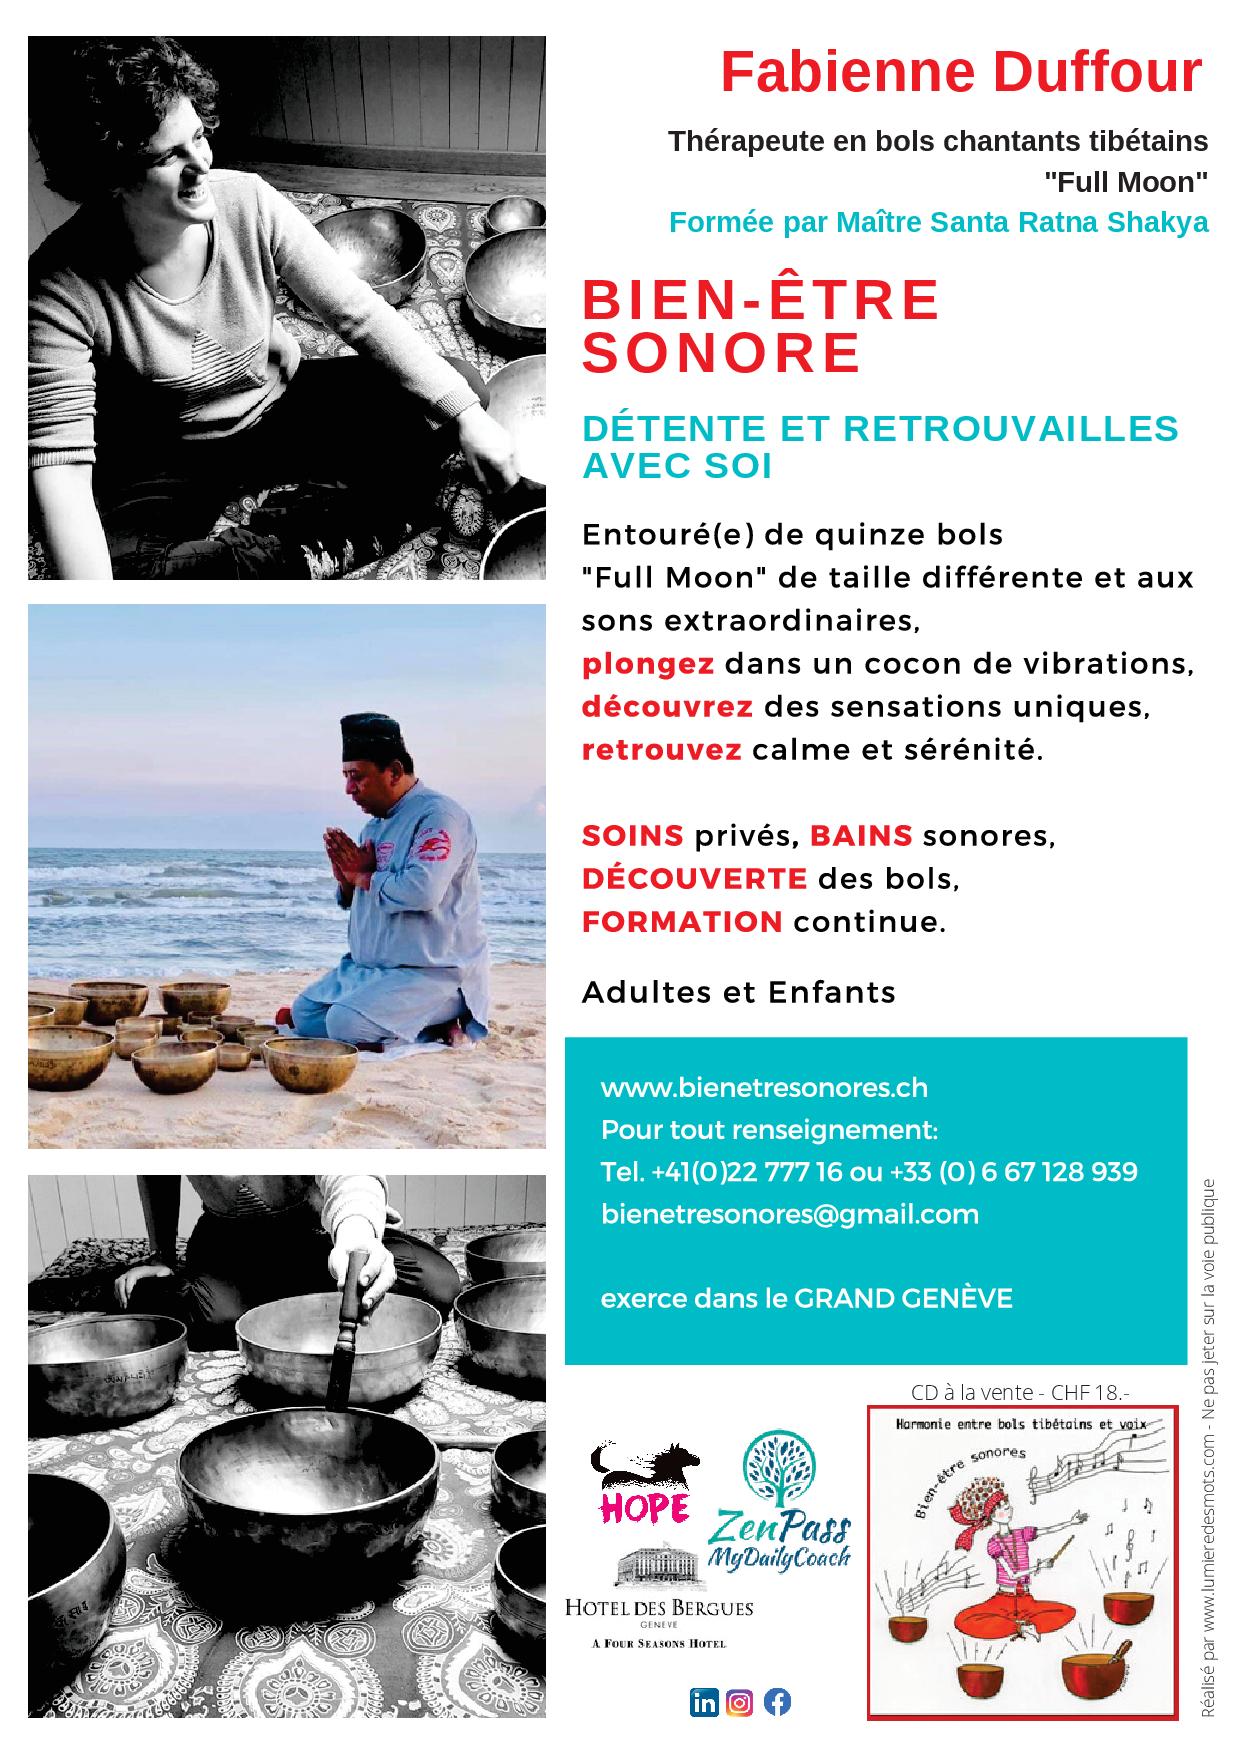 Fabienne Duffour - Flyer présentation 2020 - ©Bea Mogenier